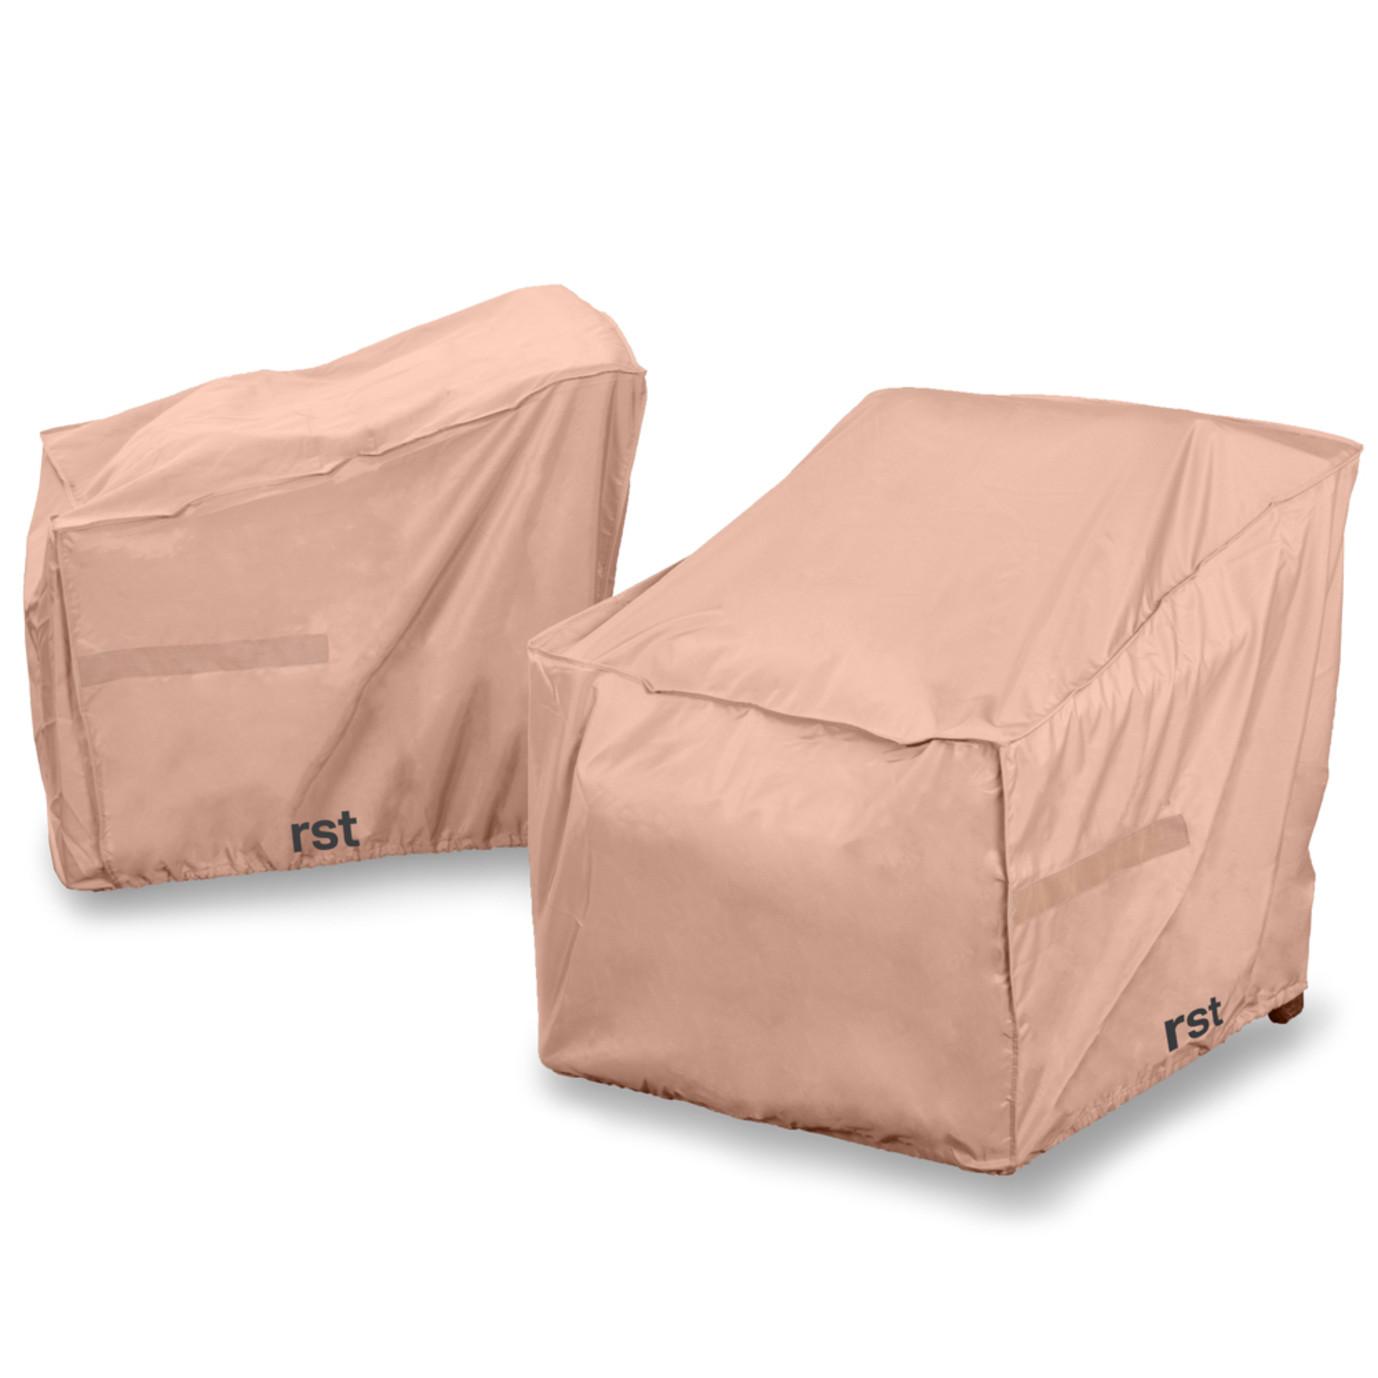 Modular Club Chair Furniture Covers